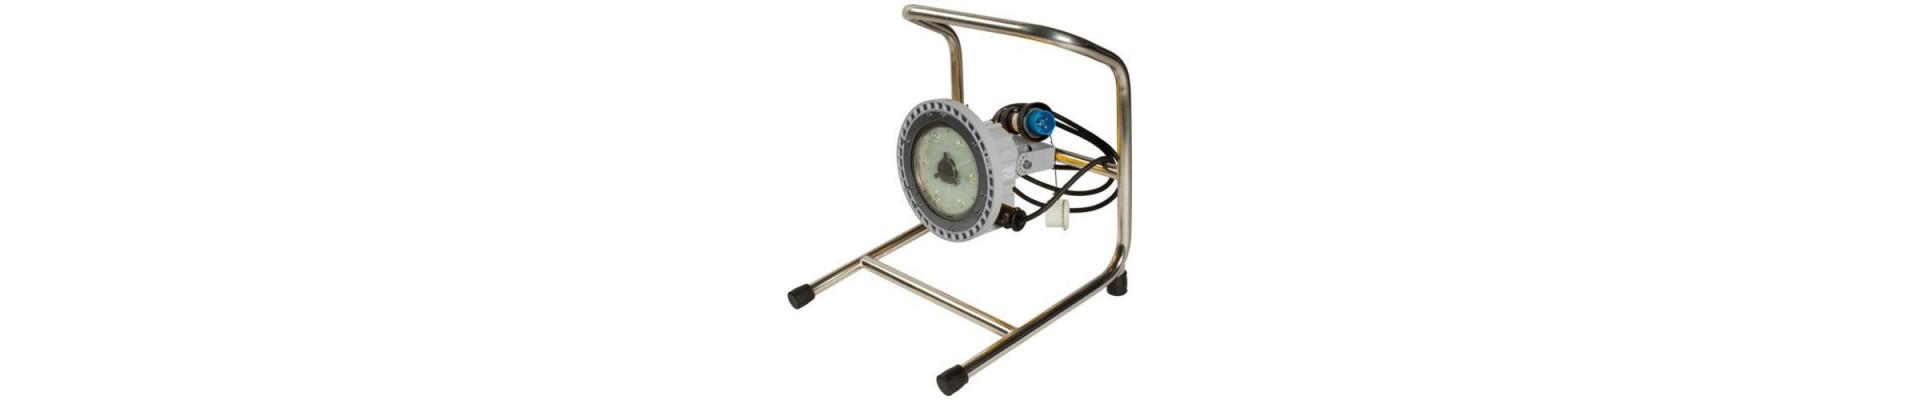 Sirène manuelle : dispositif d'alarme manuel - A2S